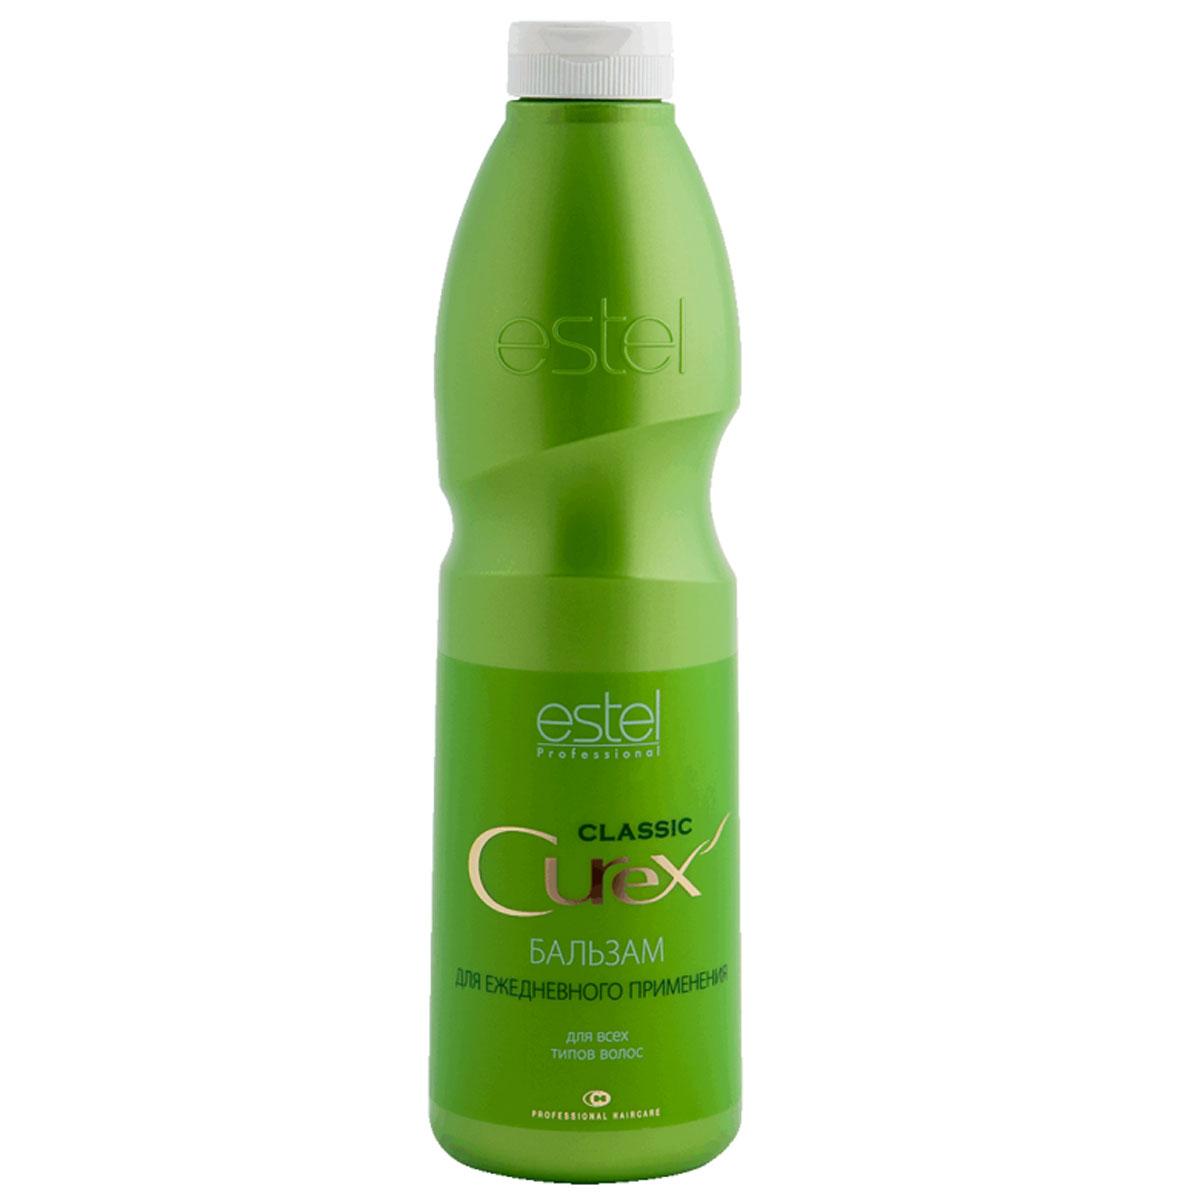 Estel Curex Classiс Бальзам Увлажнение и Питание для ежедневного применения 1000 млCU1000/B10Estel Curex Classic Бальзам «Увлажнение и Питание» обеспечивает интенсивное увлажнение и уход за волосами. Пантенол, витамин Е и масло авокадо питают и восстанавливают структуру волос, делают их мягкими, шелковистыми и блестящими. Хорошо кондиционирует волосы. Результат: легкость расчесывания, мягкость, шелковистость и блеск волос.